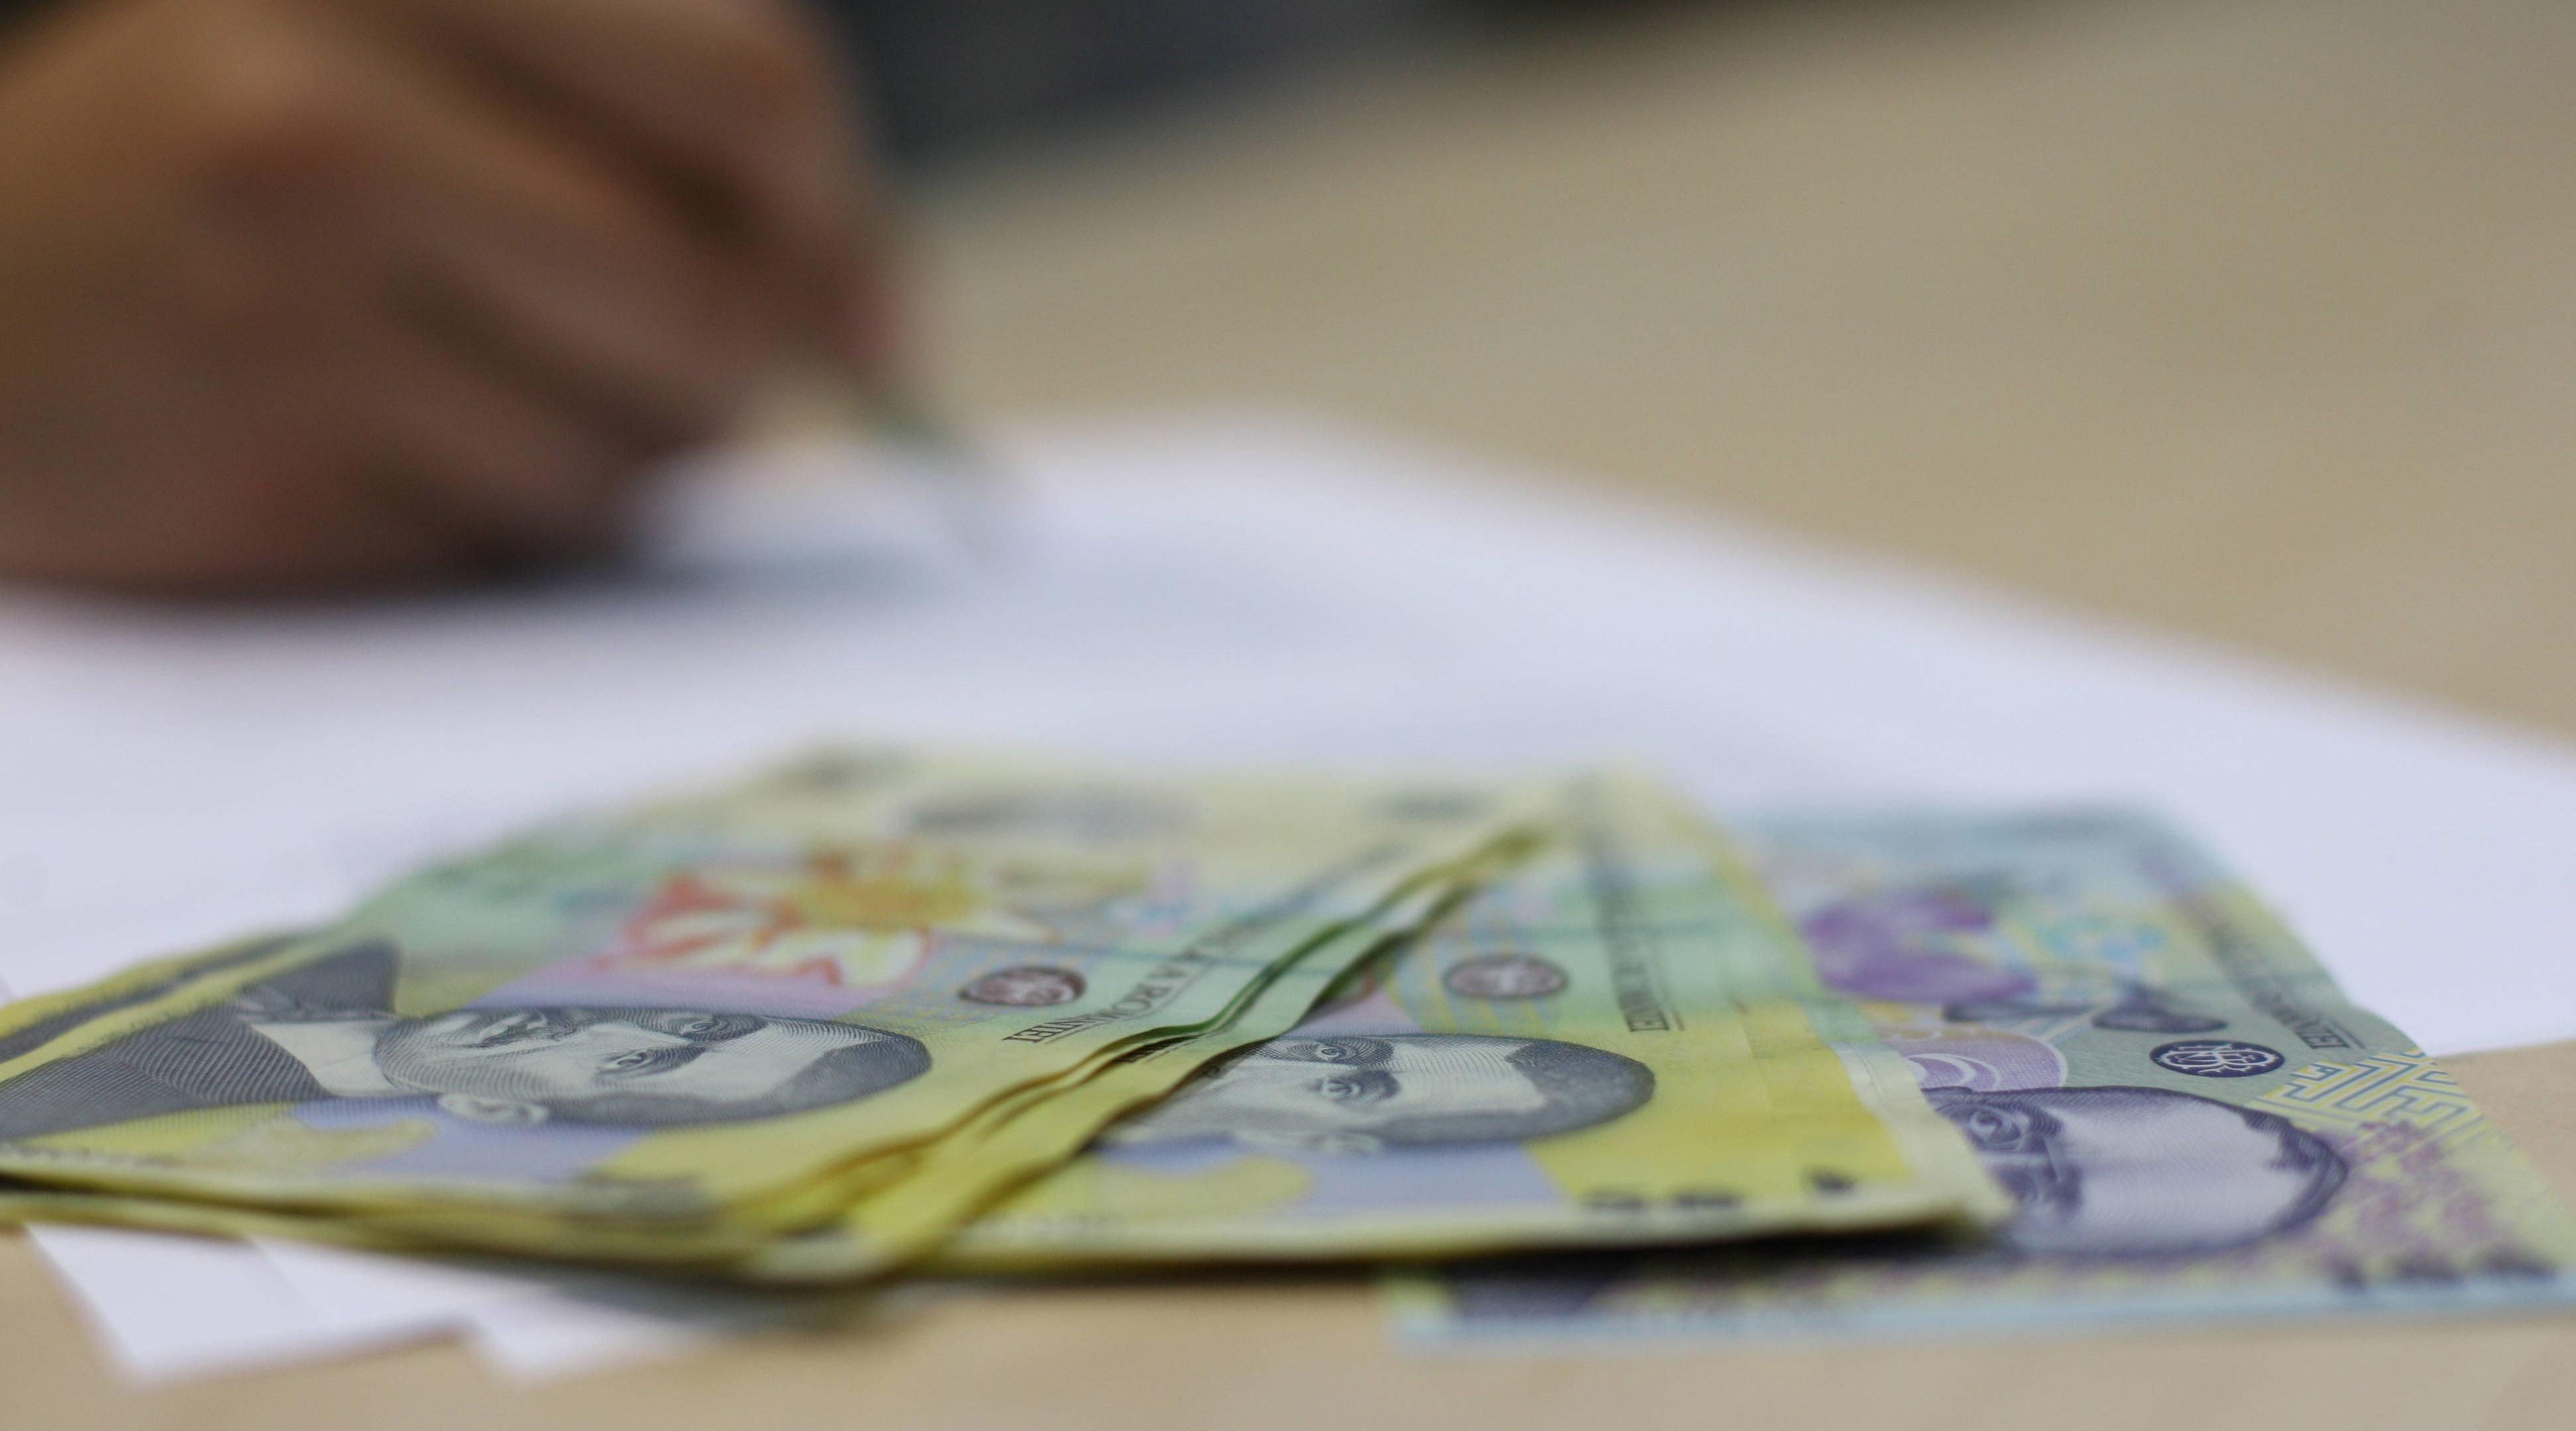 Noi emisiuni de titluri de stat, cu dobânzi de până la 4,75% plătite populației